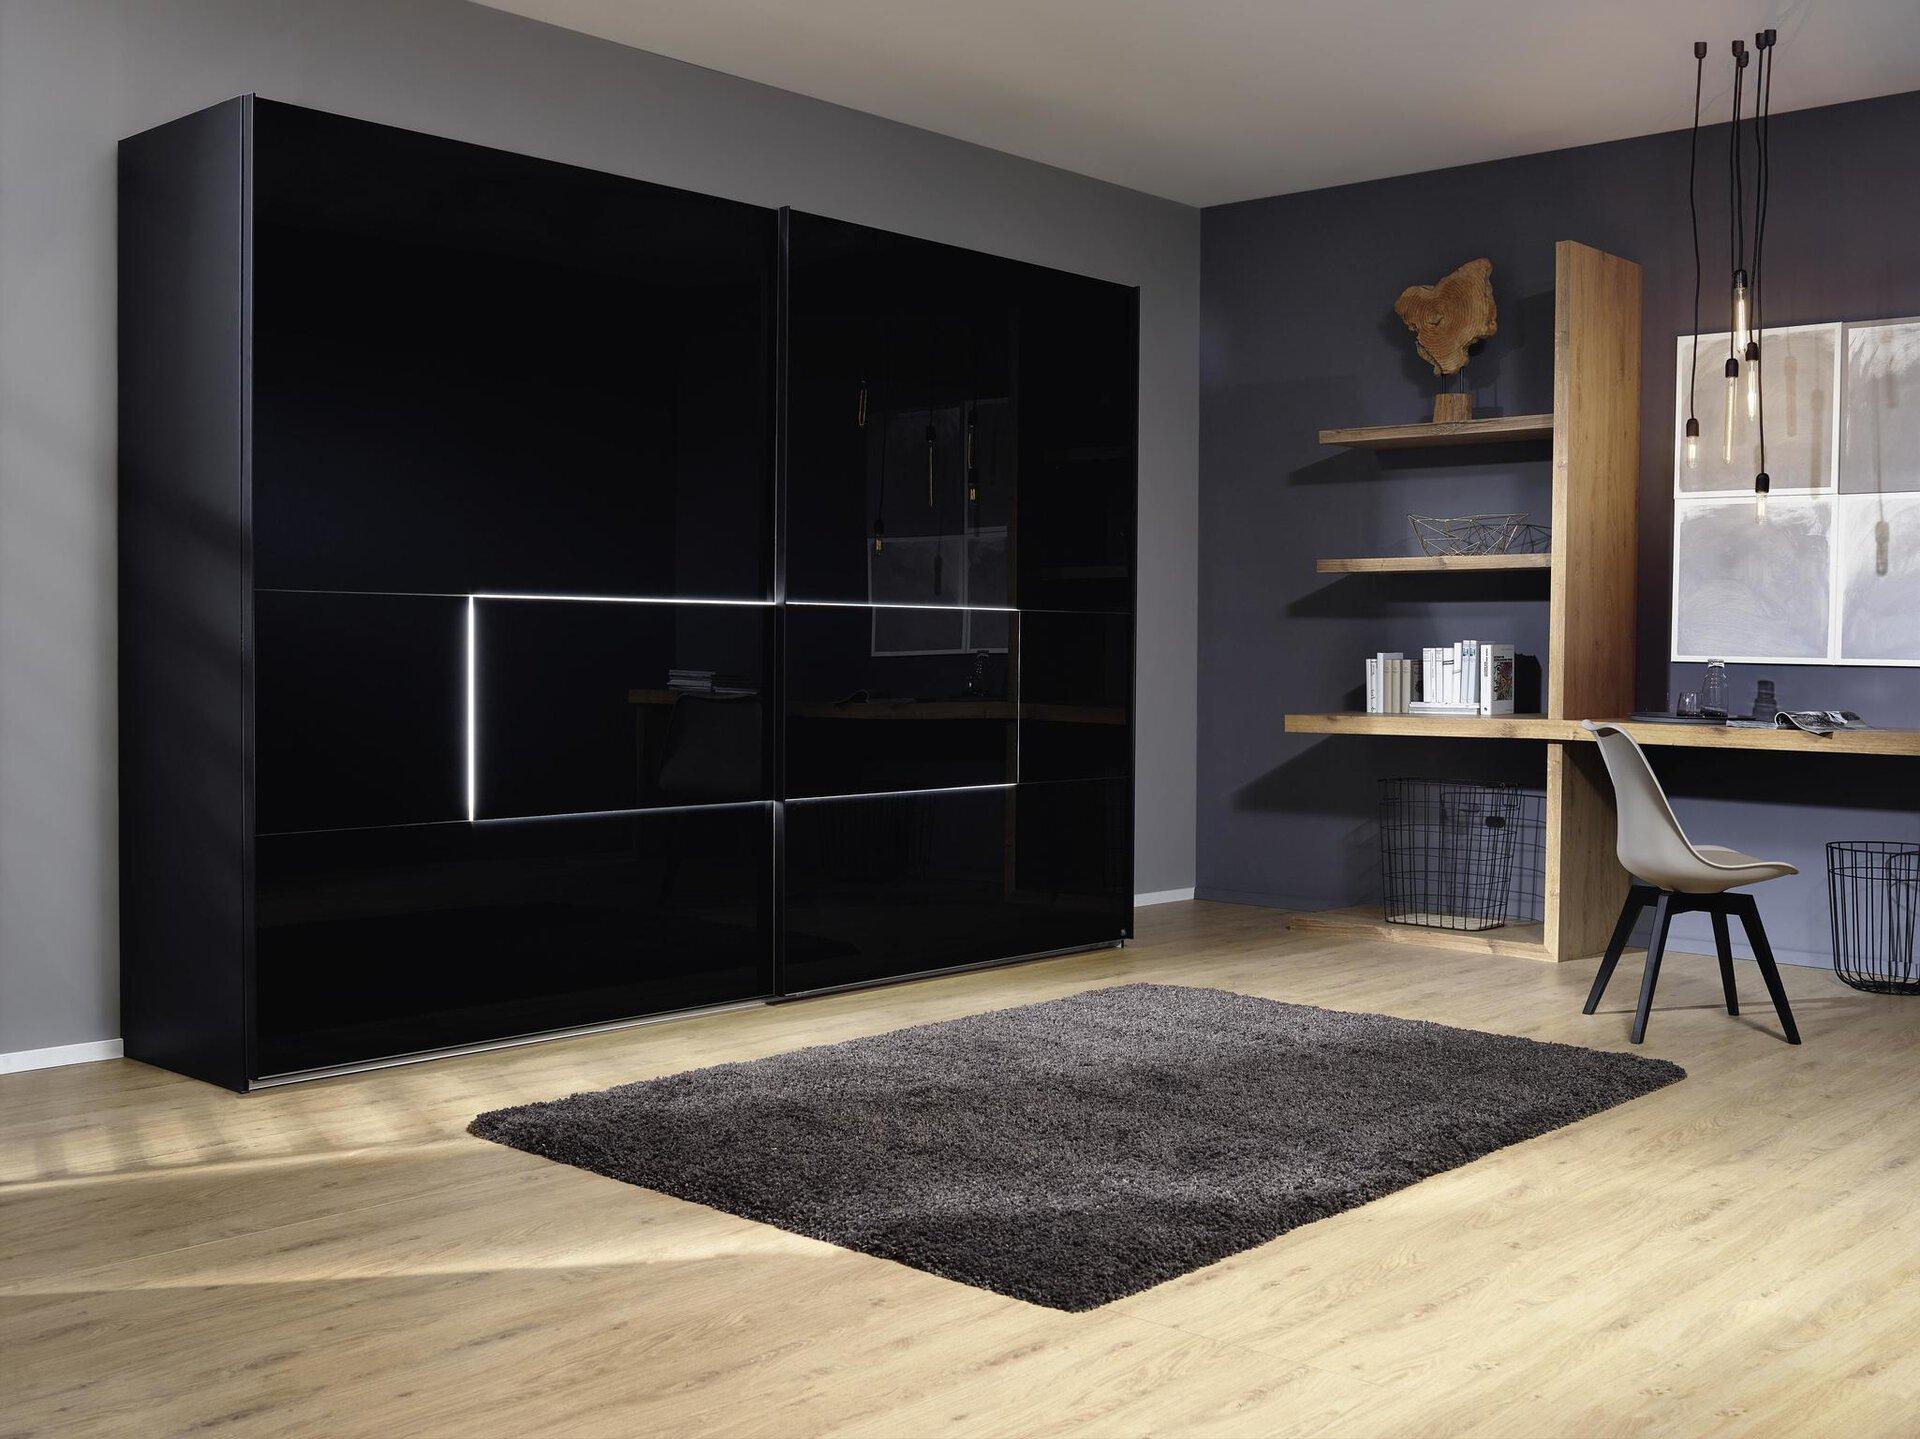 Schwebetürenschrank Tesero MONDO Holzwerkstoff schwarz 68 x 223 x 280 cm